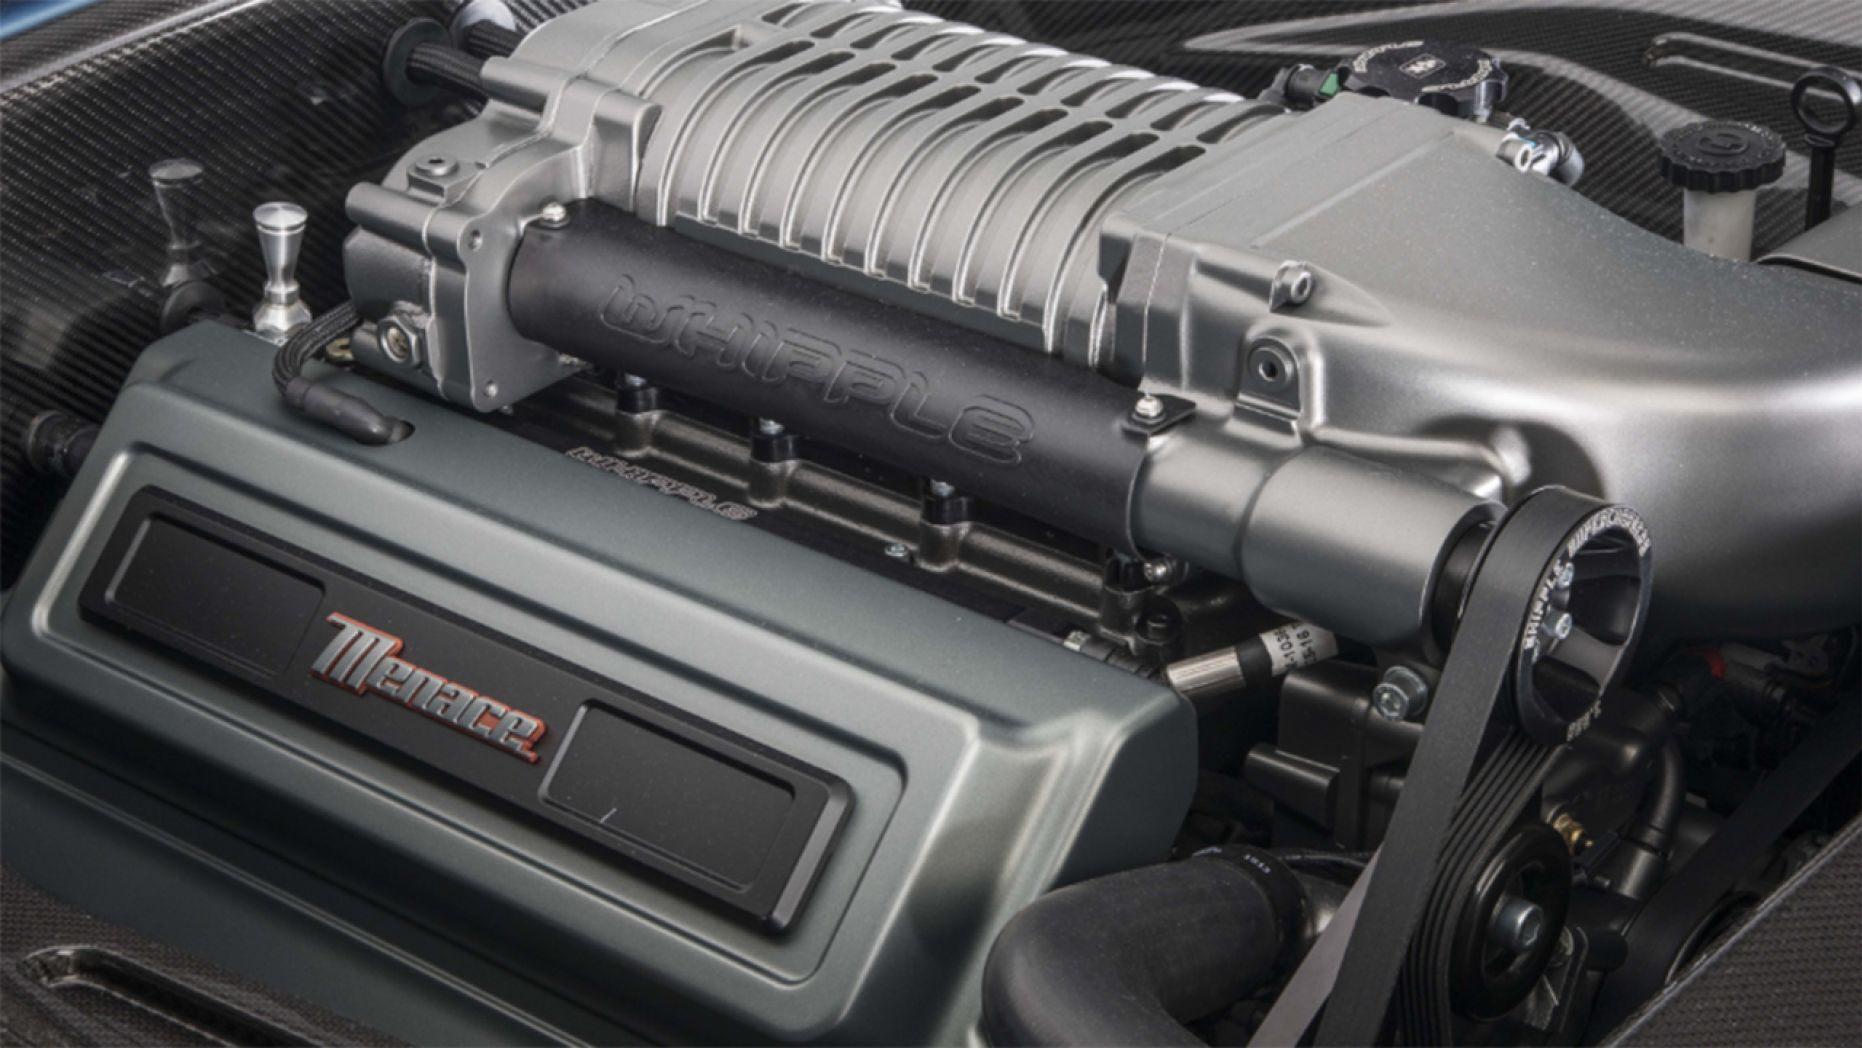 1970 Plymouth 'Cuda engine